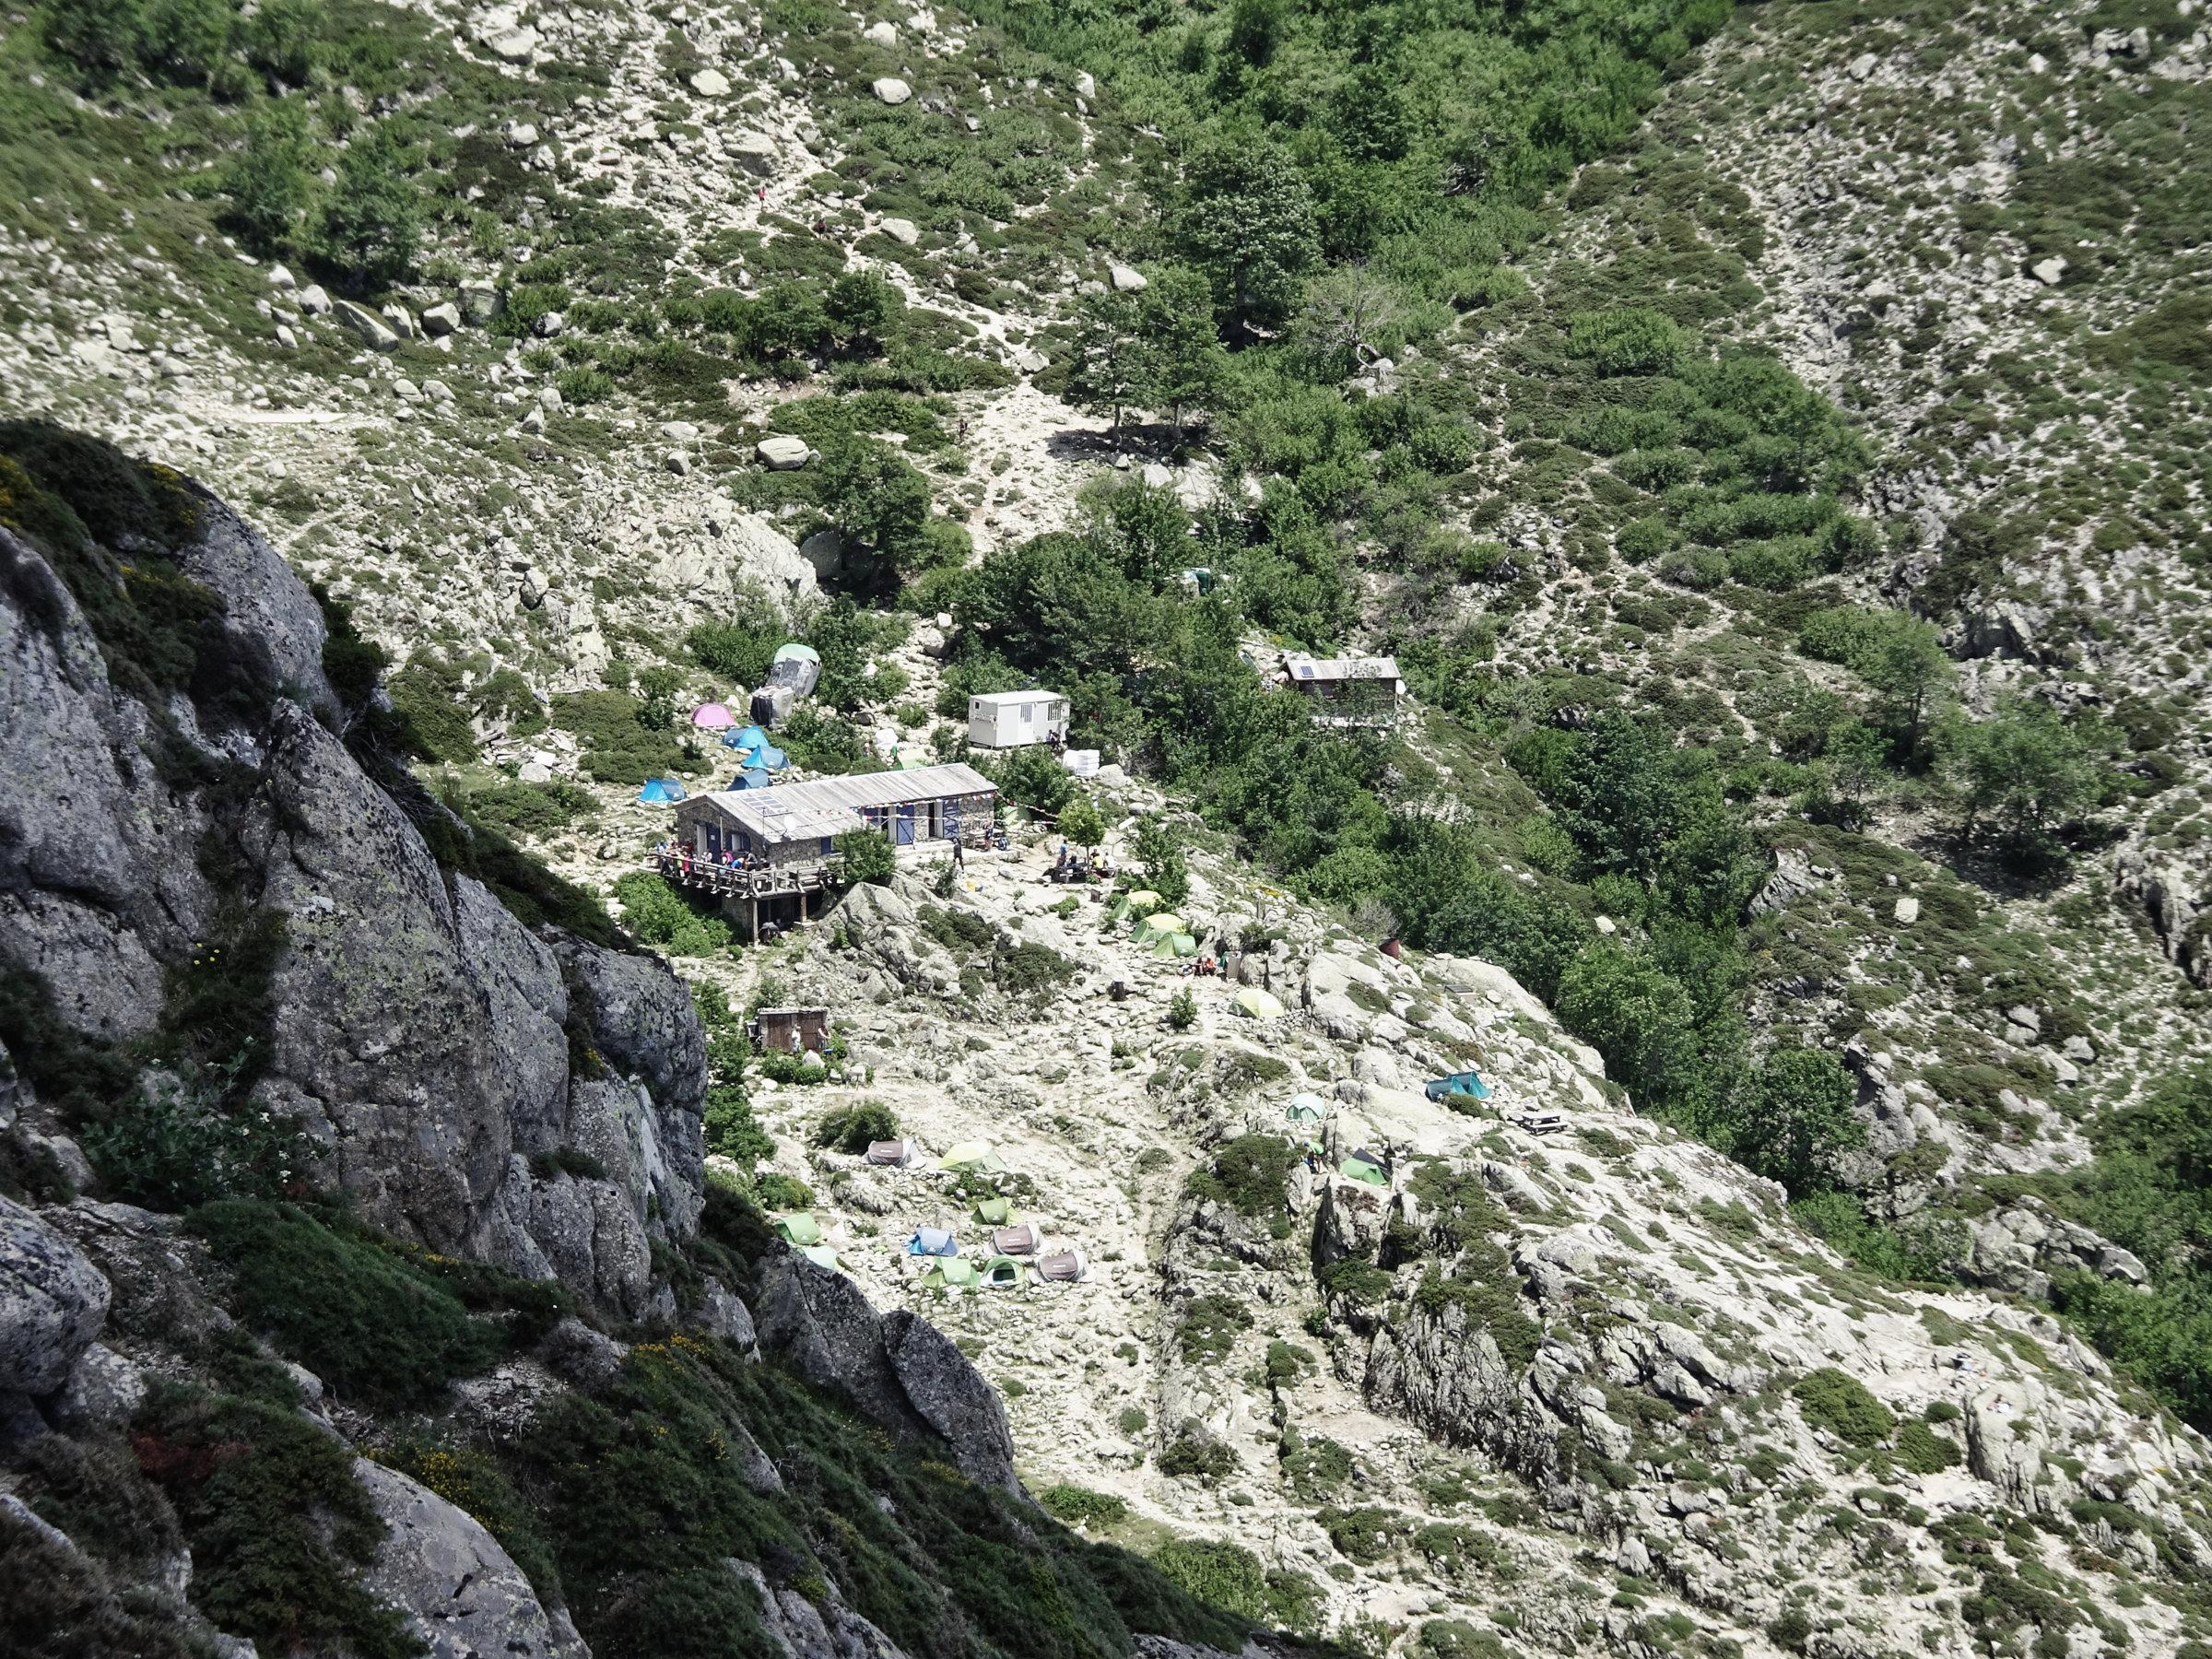 Das Refuge Usciolu in Sicht, Korsika, GR20 Weitwanderweg, Wandern, Berge, Frankreich